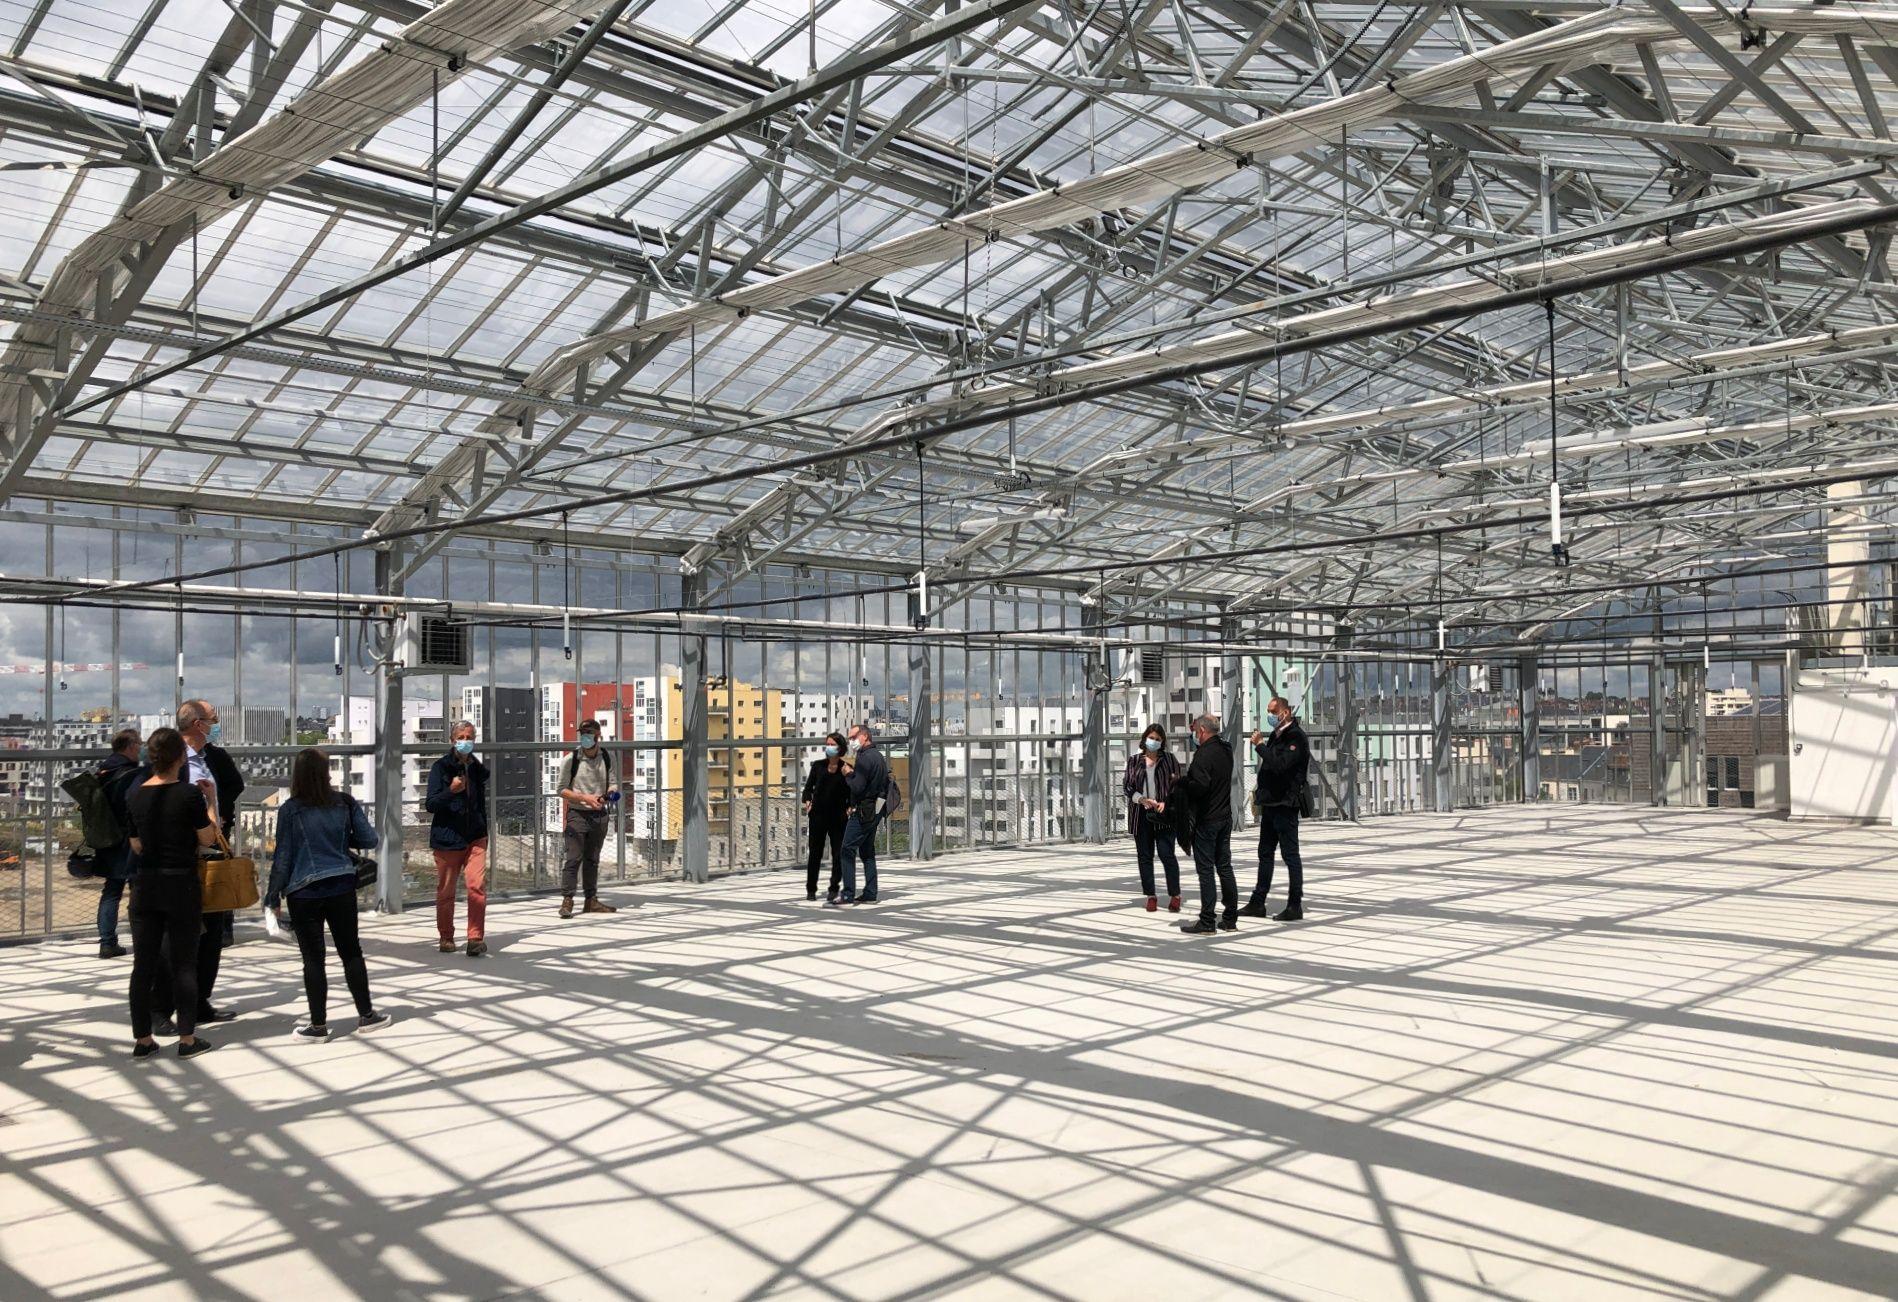 La ferme urbaine située sur le toit d'un des bâtiments sera mise en culture à la fin de l'été.